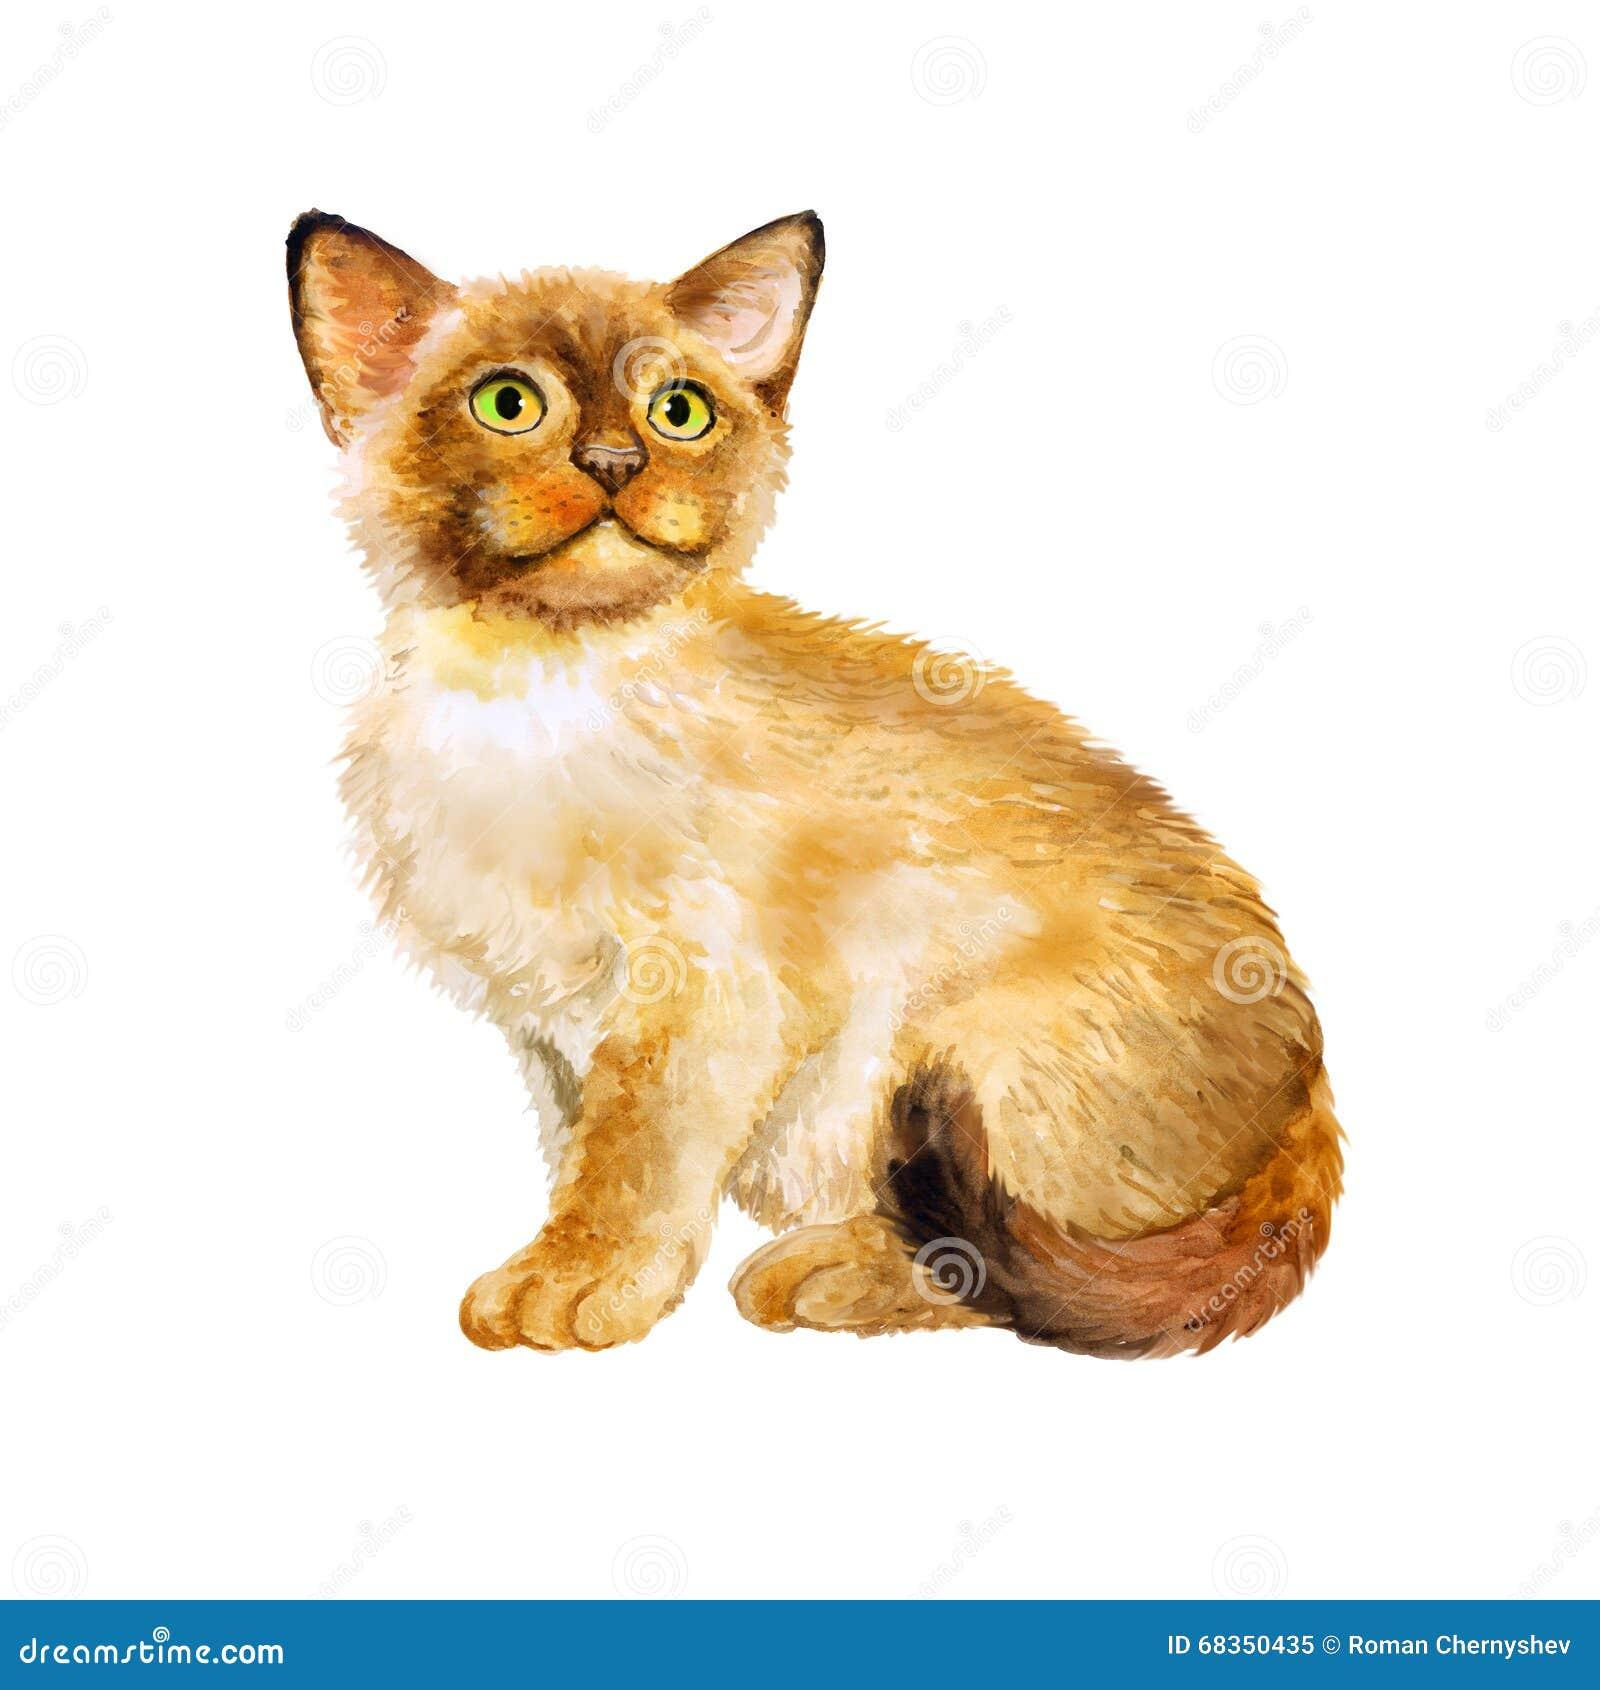 神圣的birman小猫,缅甸的神圣的猫水彩画象白色背景的图片